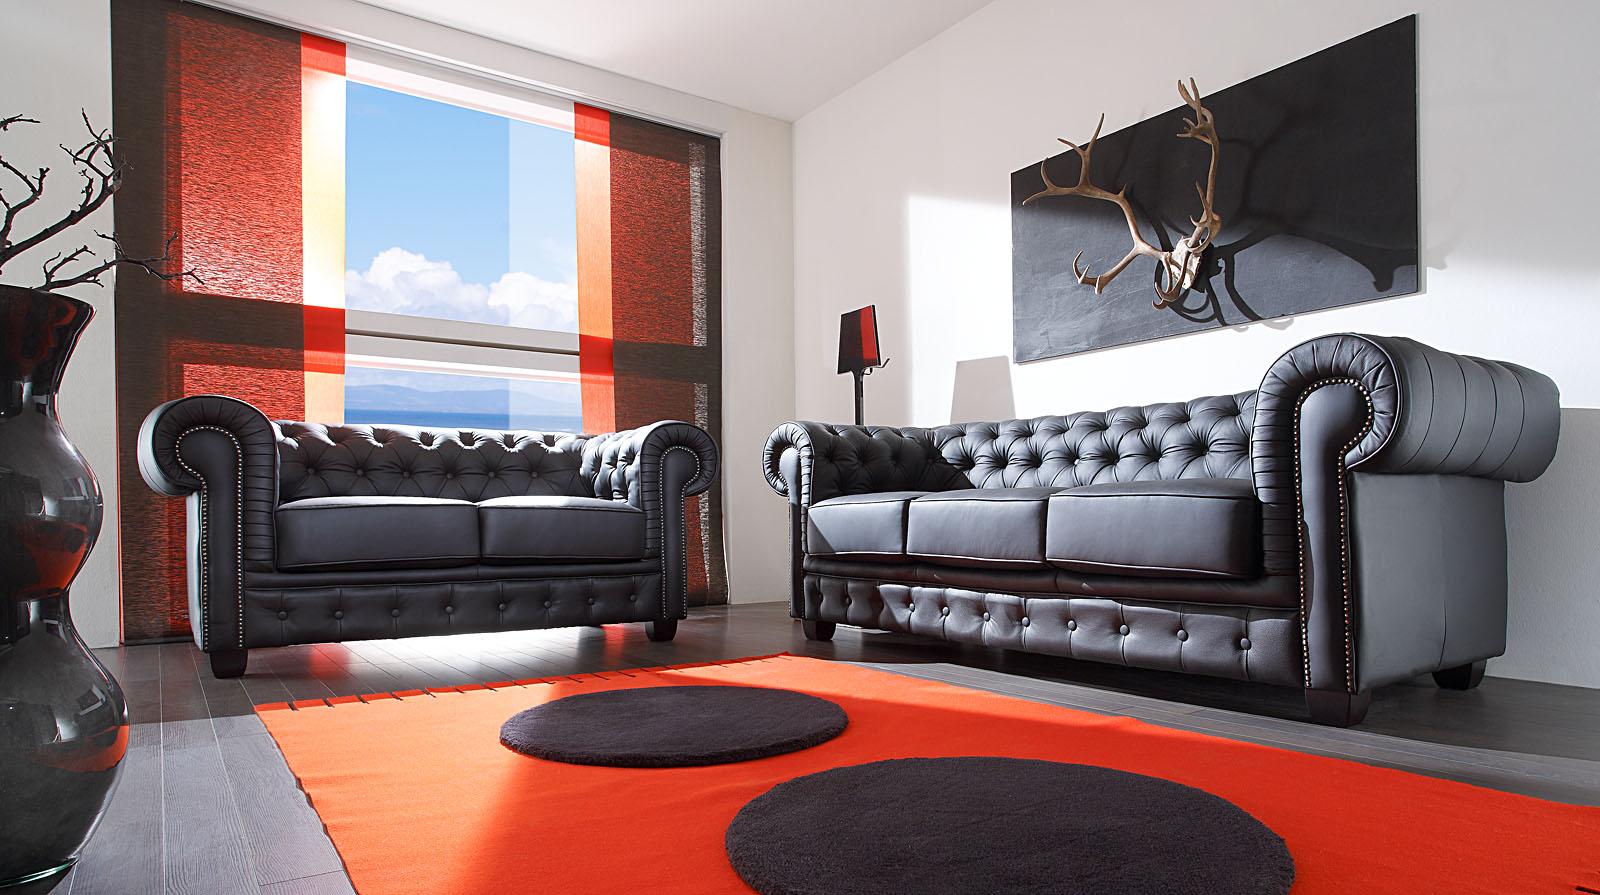 Chesterfield einrichtungsstil modern  Chesterfield Einrichtungsstil Modern | schmauchbrueder.com